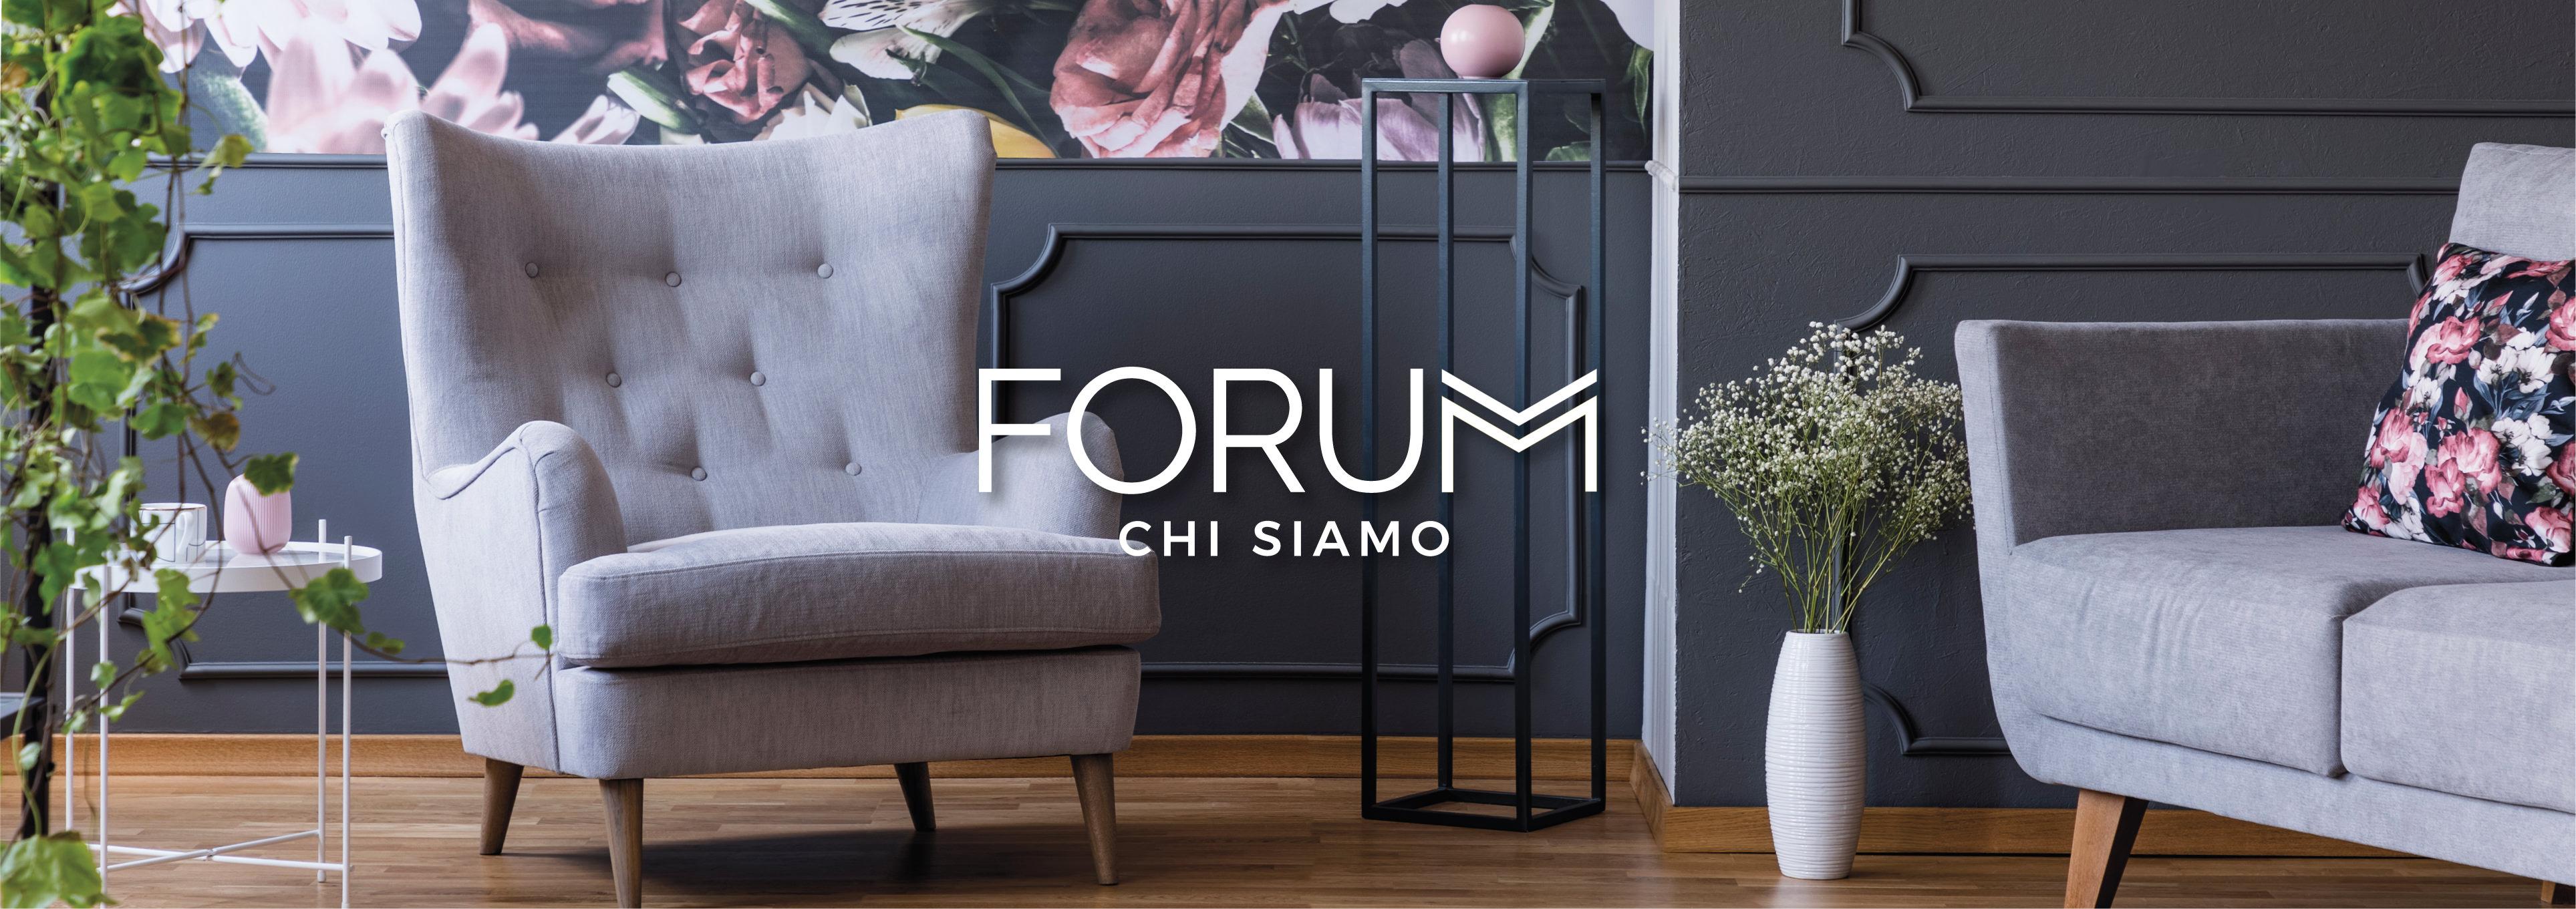 forum chi siamo